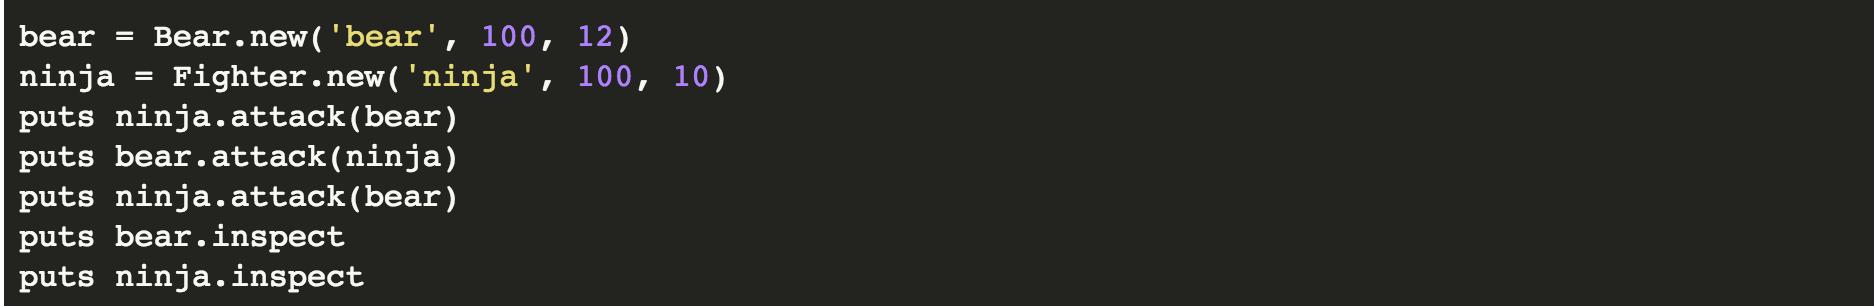 Screen Shot 2017-07-06 at 1.15.01 PM.png